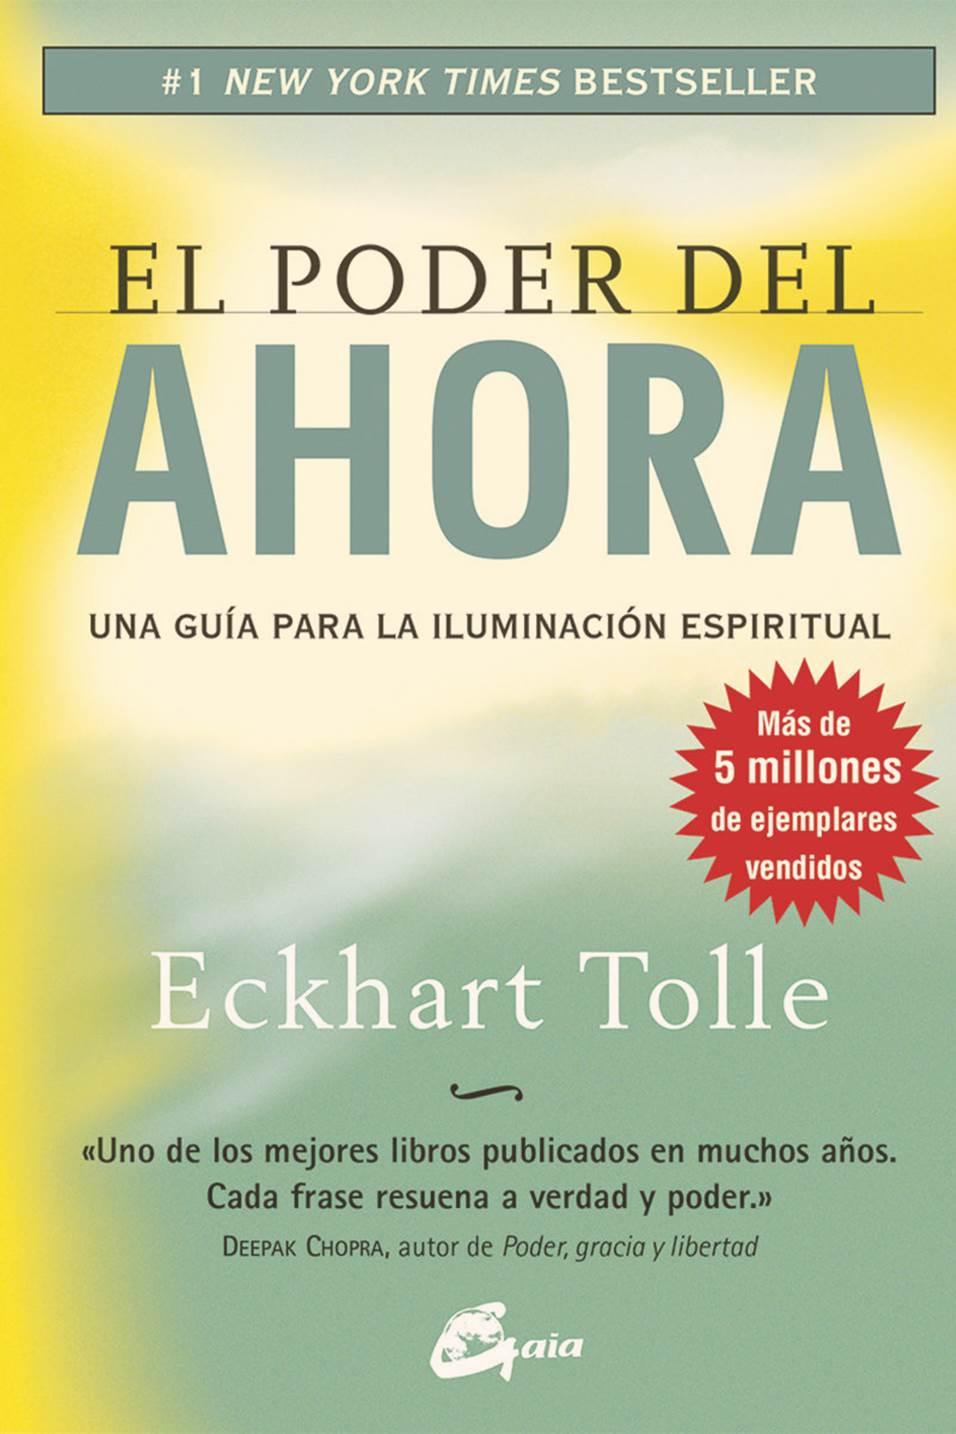 El poder del ahora – por Eckhart Tolle